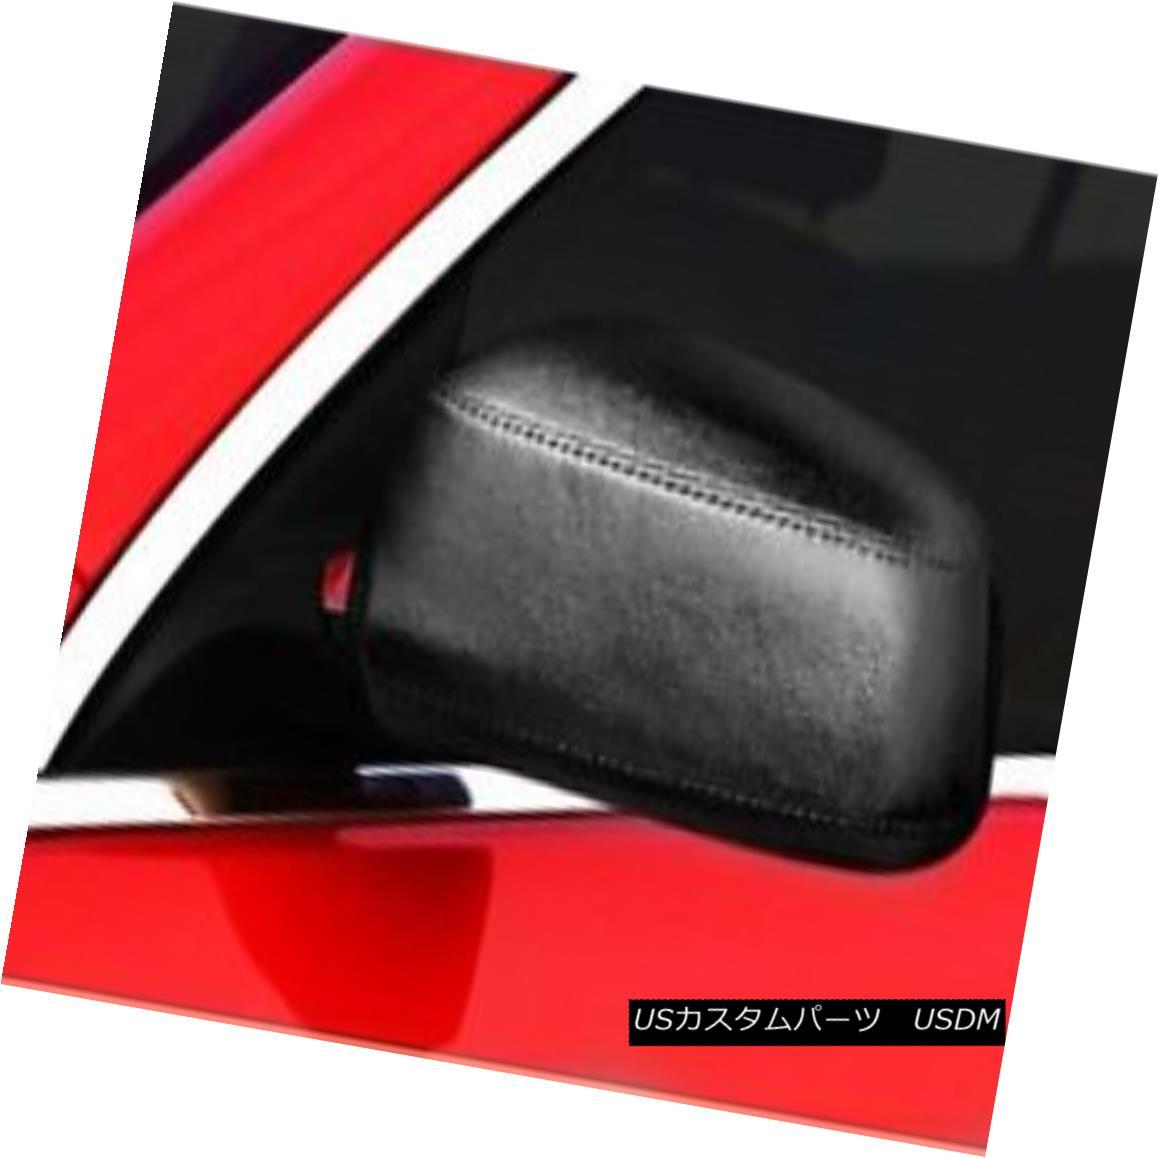 フルブラ ノーズブラ Colgan Car Mirror Covers Bra Protector Black Fits 1995-1999 OLDSMOBILE Aurora コルガン車用ミラーカバーブラプロテクターブラックフィット1995-1999 OLDSMOBILE Aurora